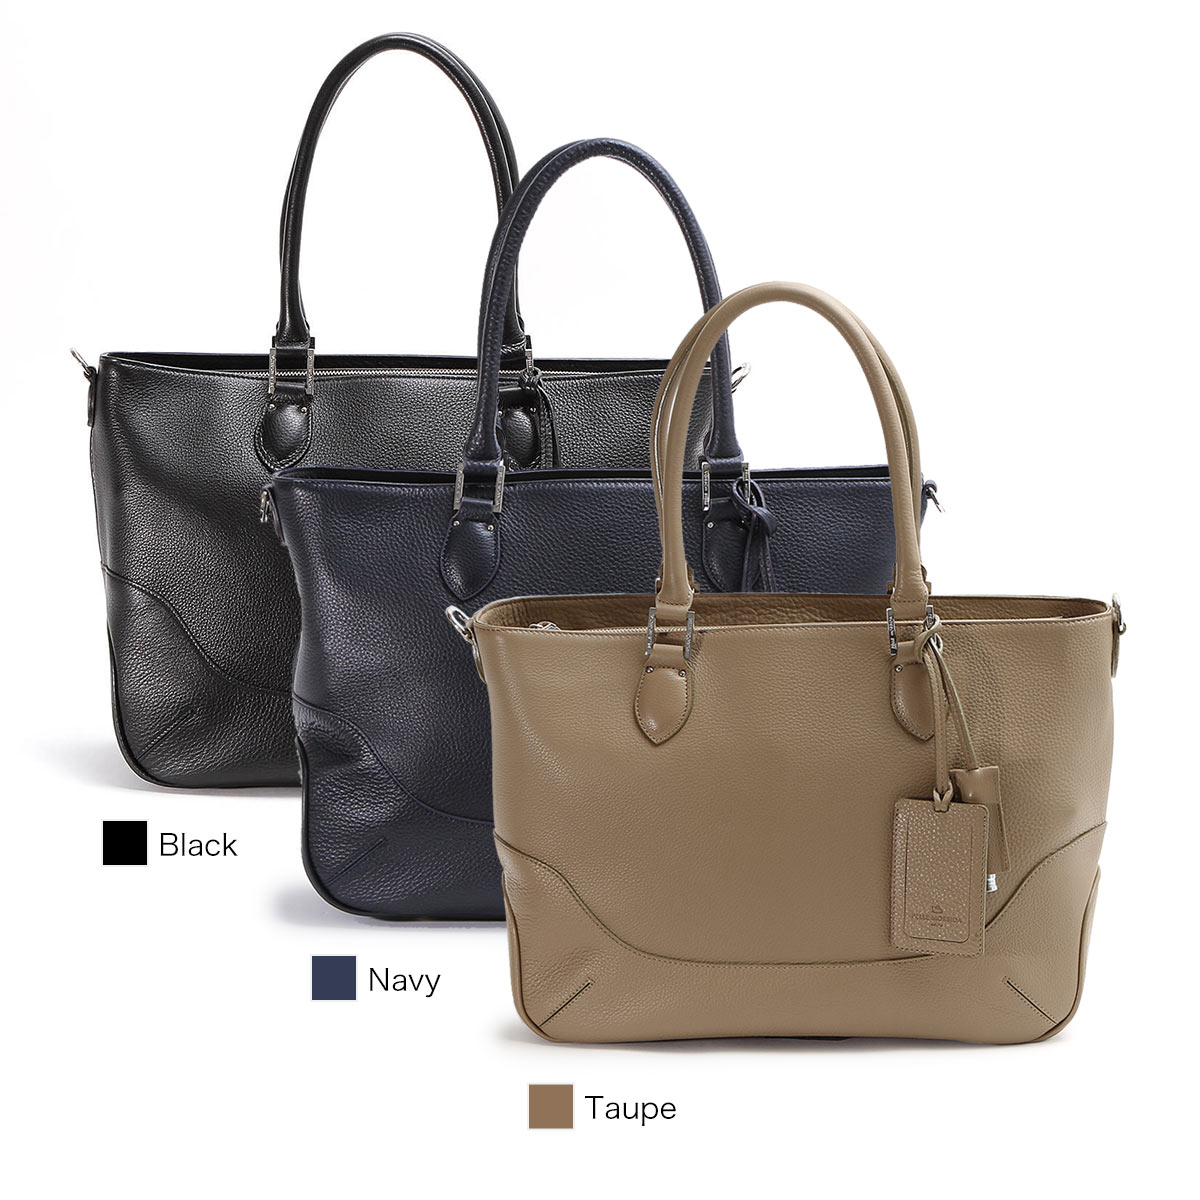 【正規販売店】ペッレモルビダ トートバッグ 横型 Tote bag(Width) Maiden Maiden Maiden Voyage PELLE MORBIDA PMO-MB048 6d7